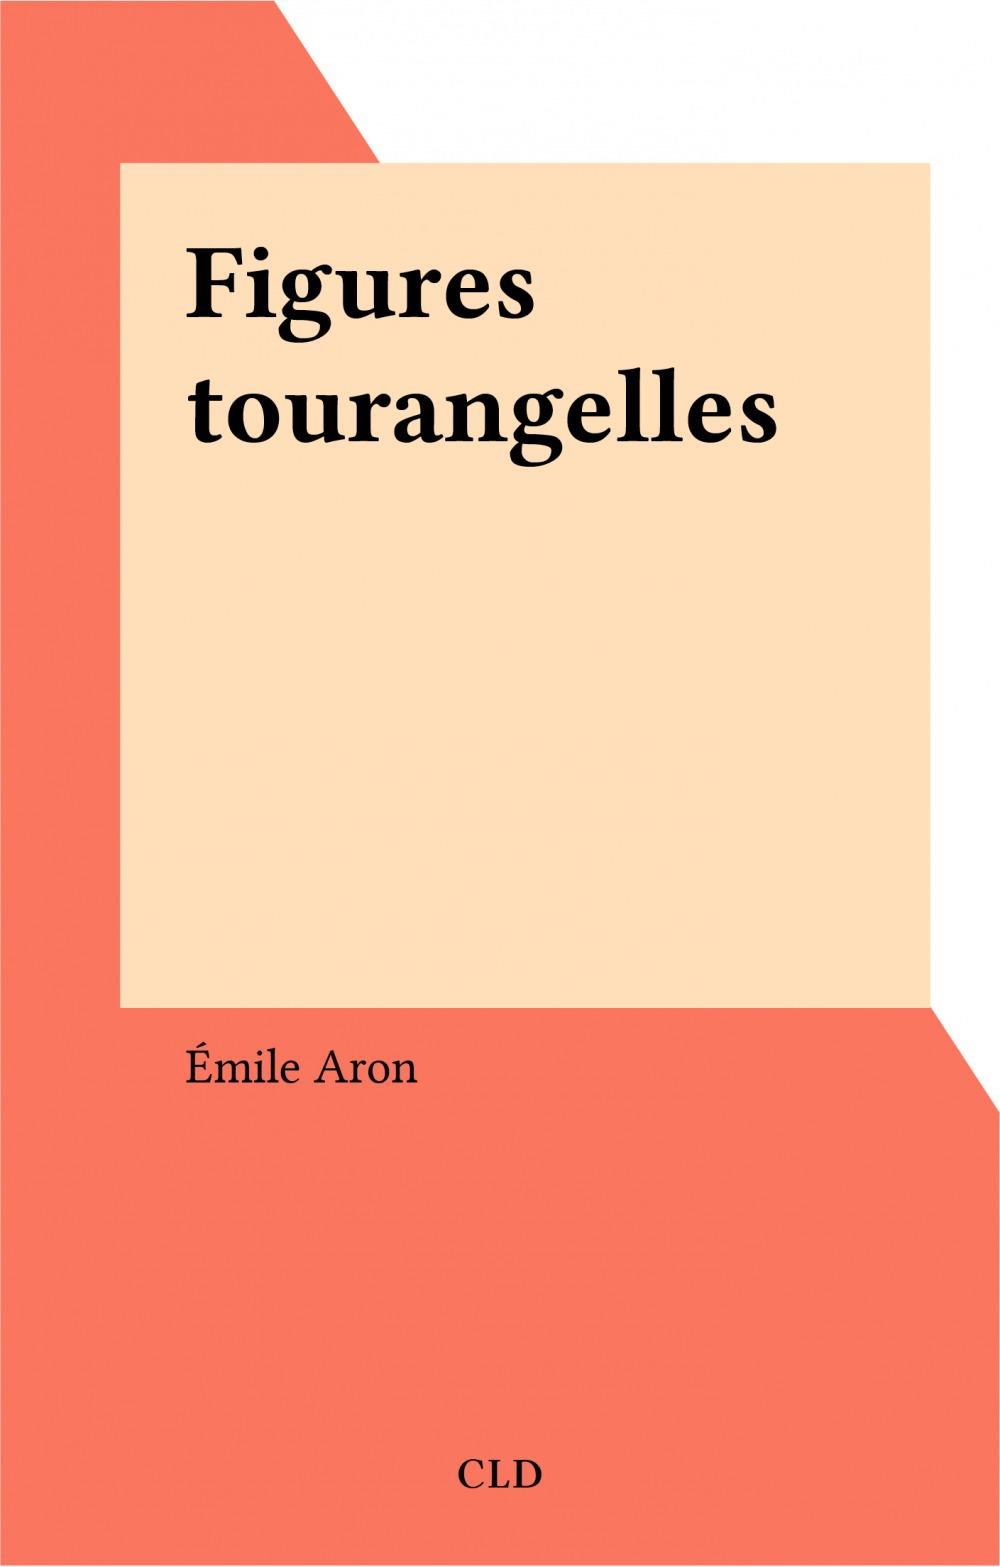 Figures tourangelles